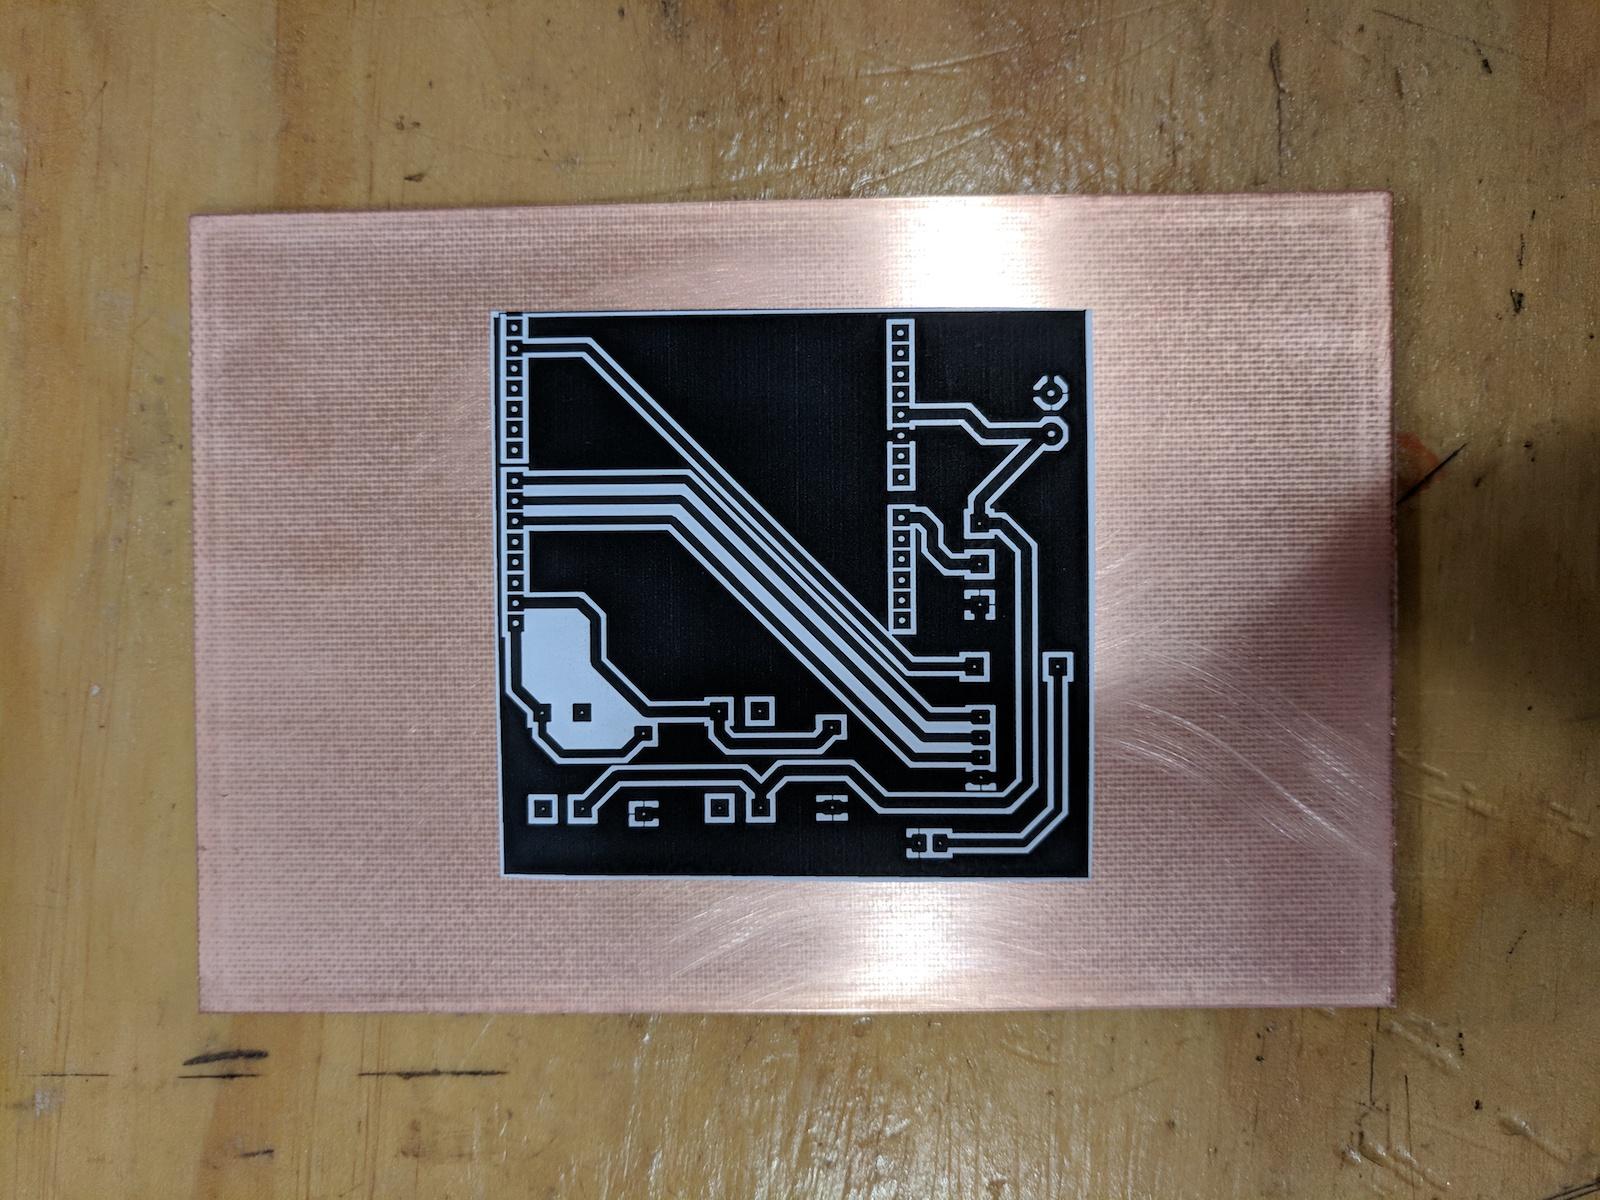 W8_circuit 2.jpg